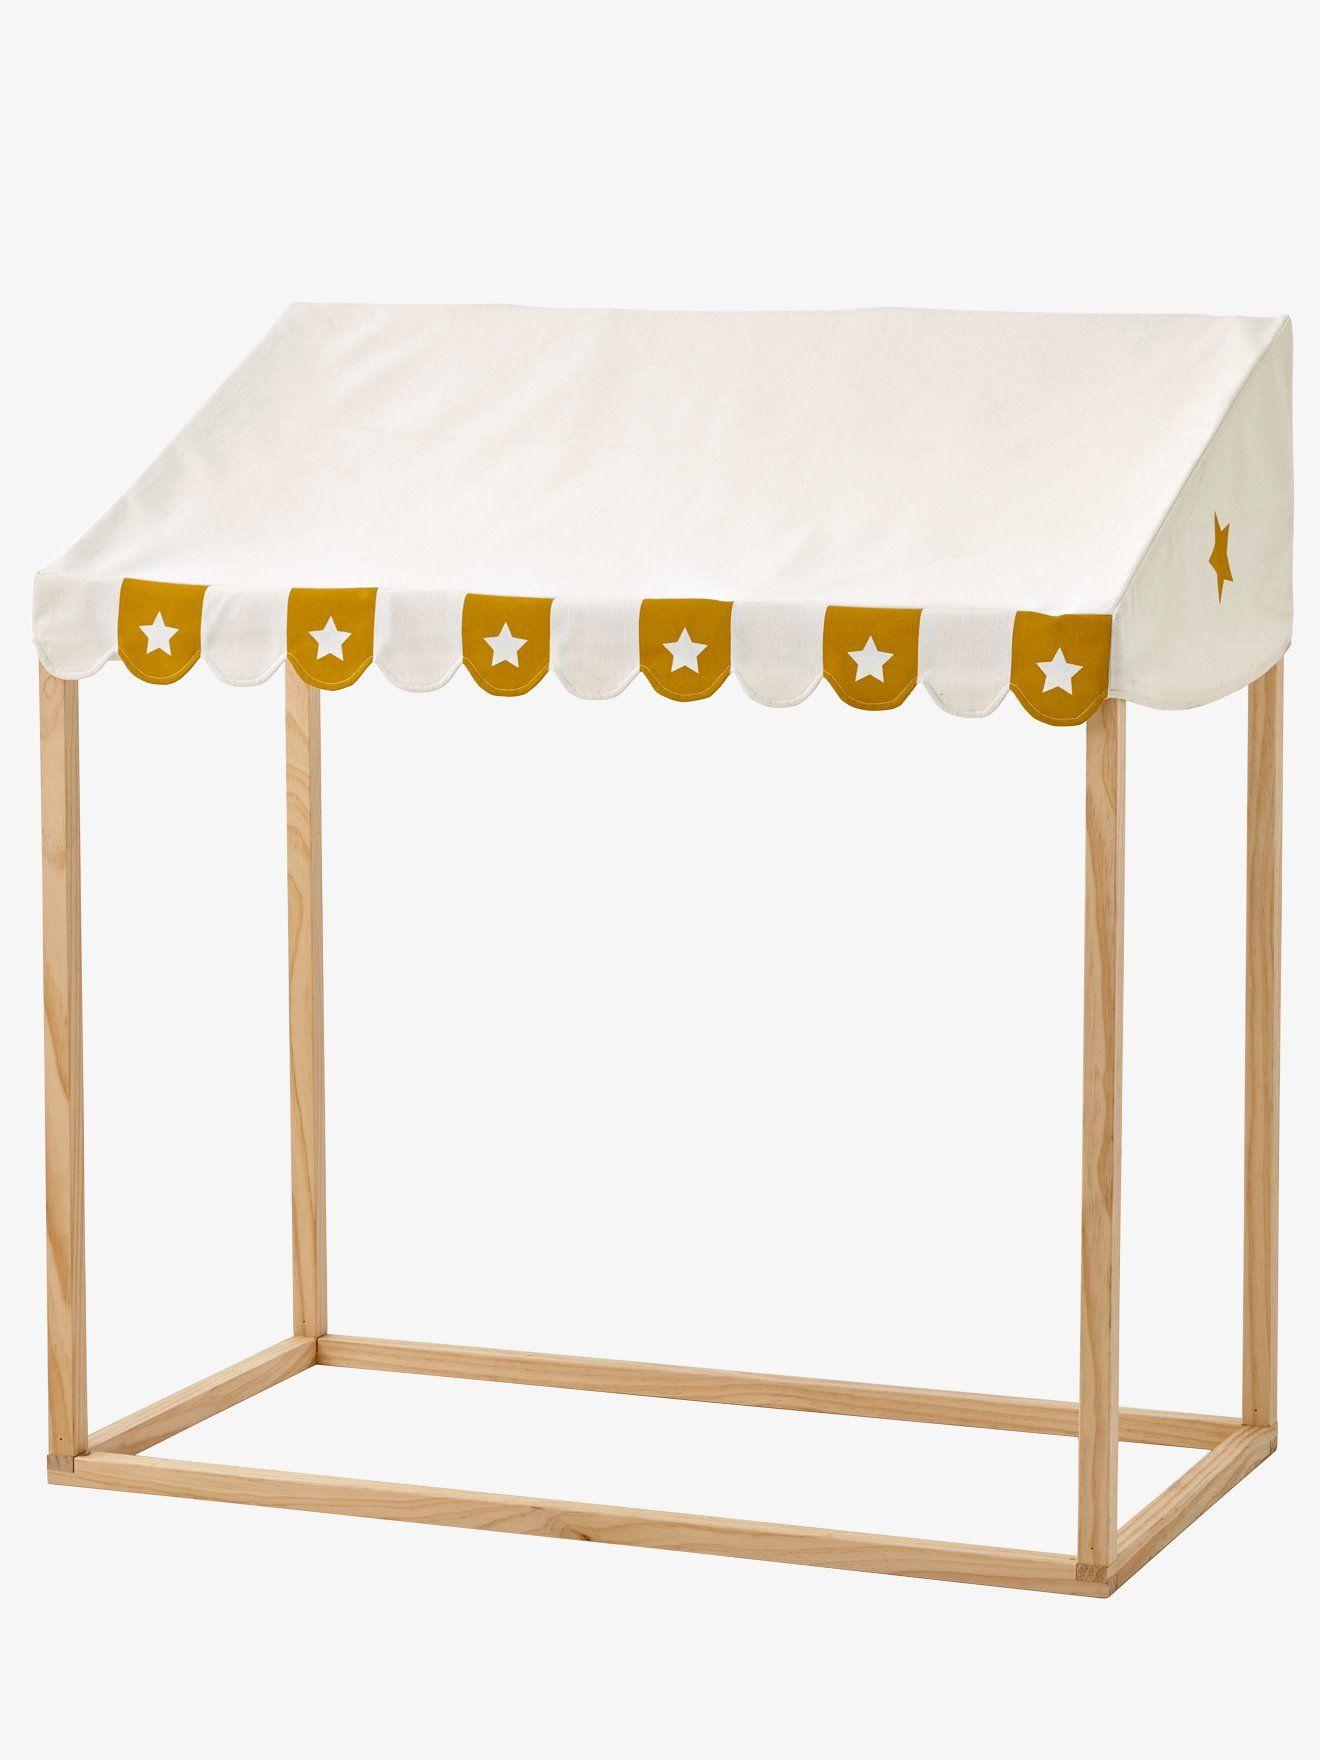 Spiel-Pavillon für Kinder von Vertbaudet in wollweiß/senf - Nur € 2 ...